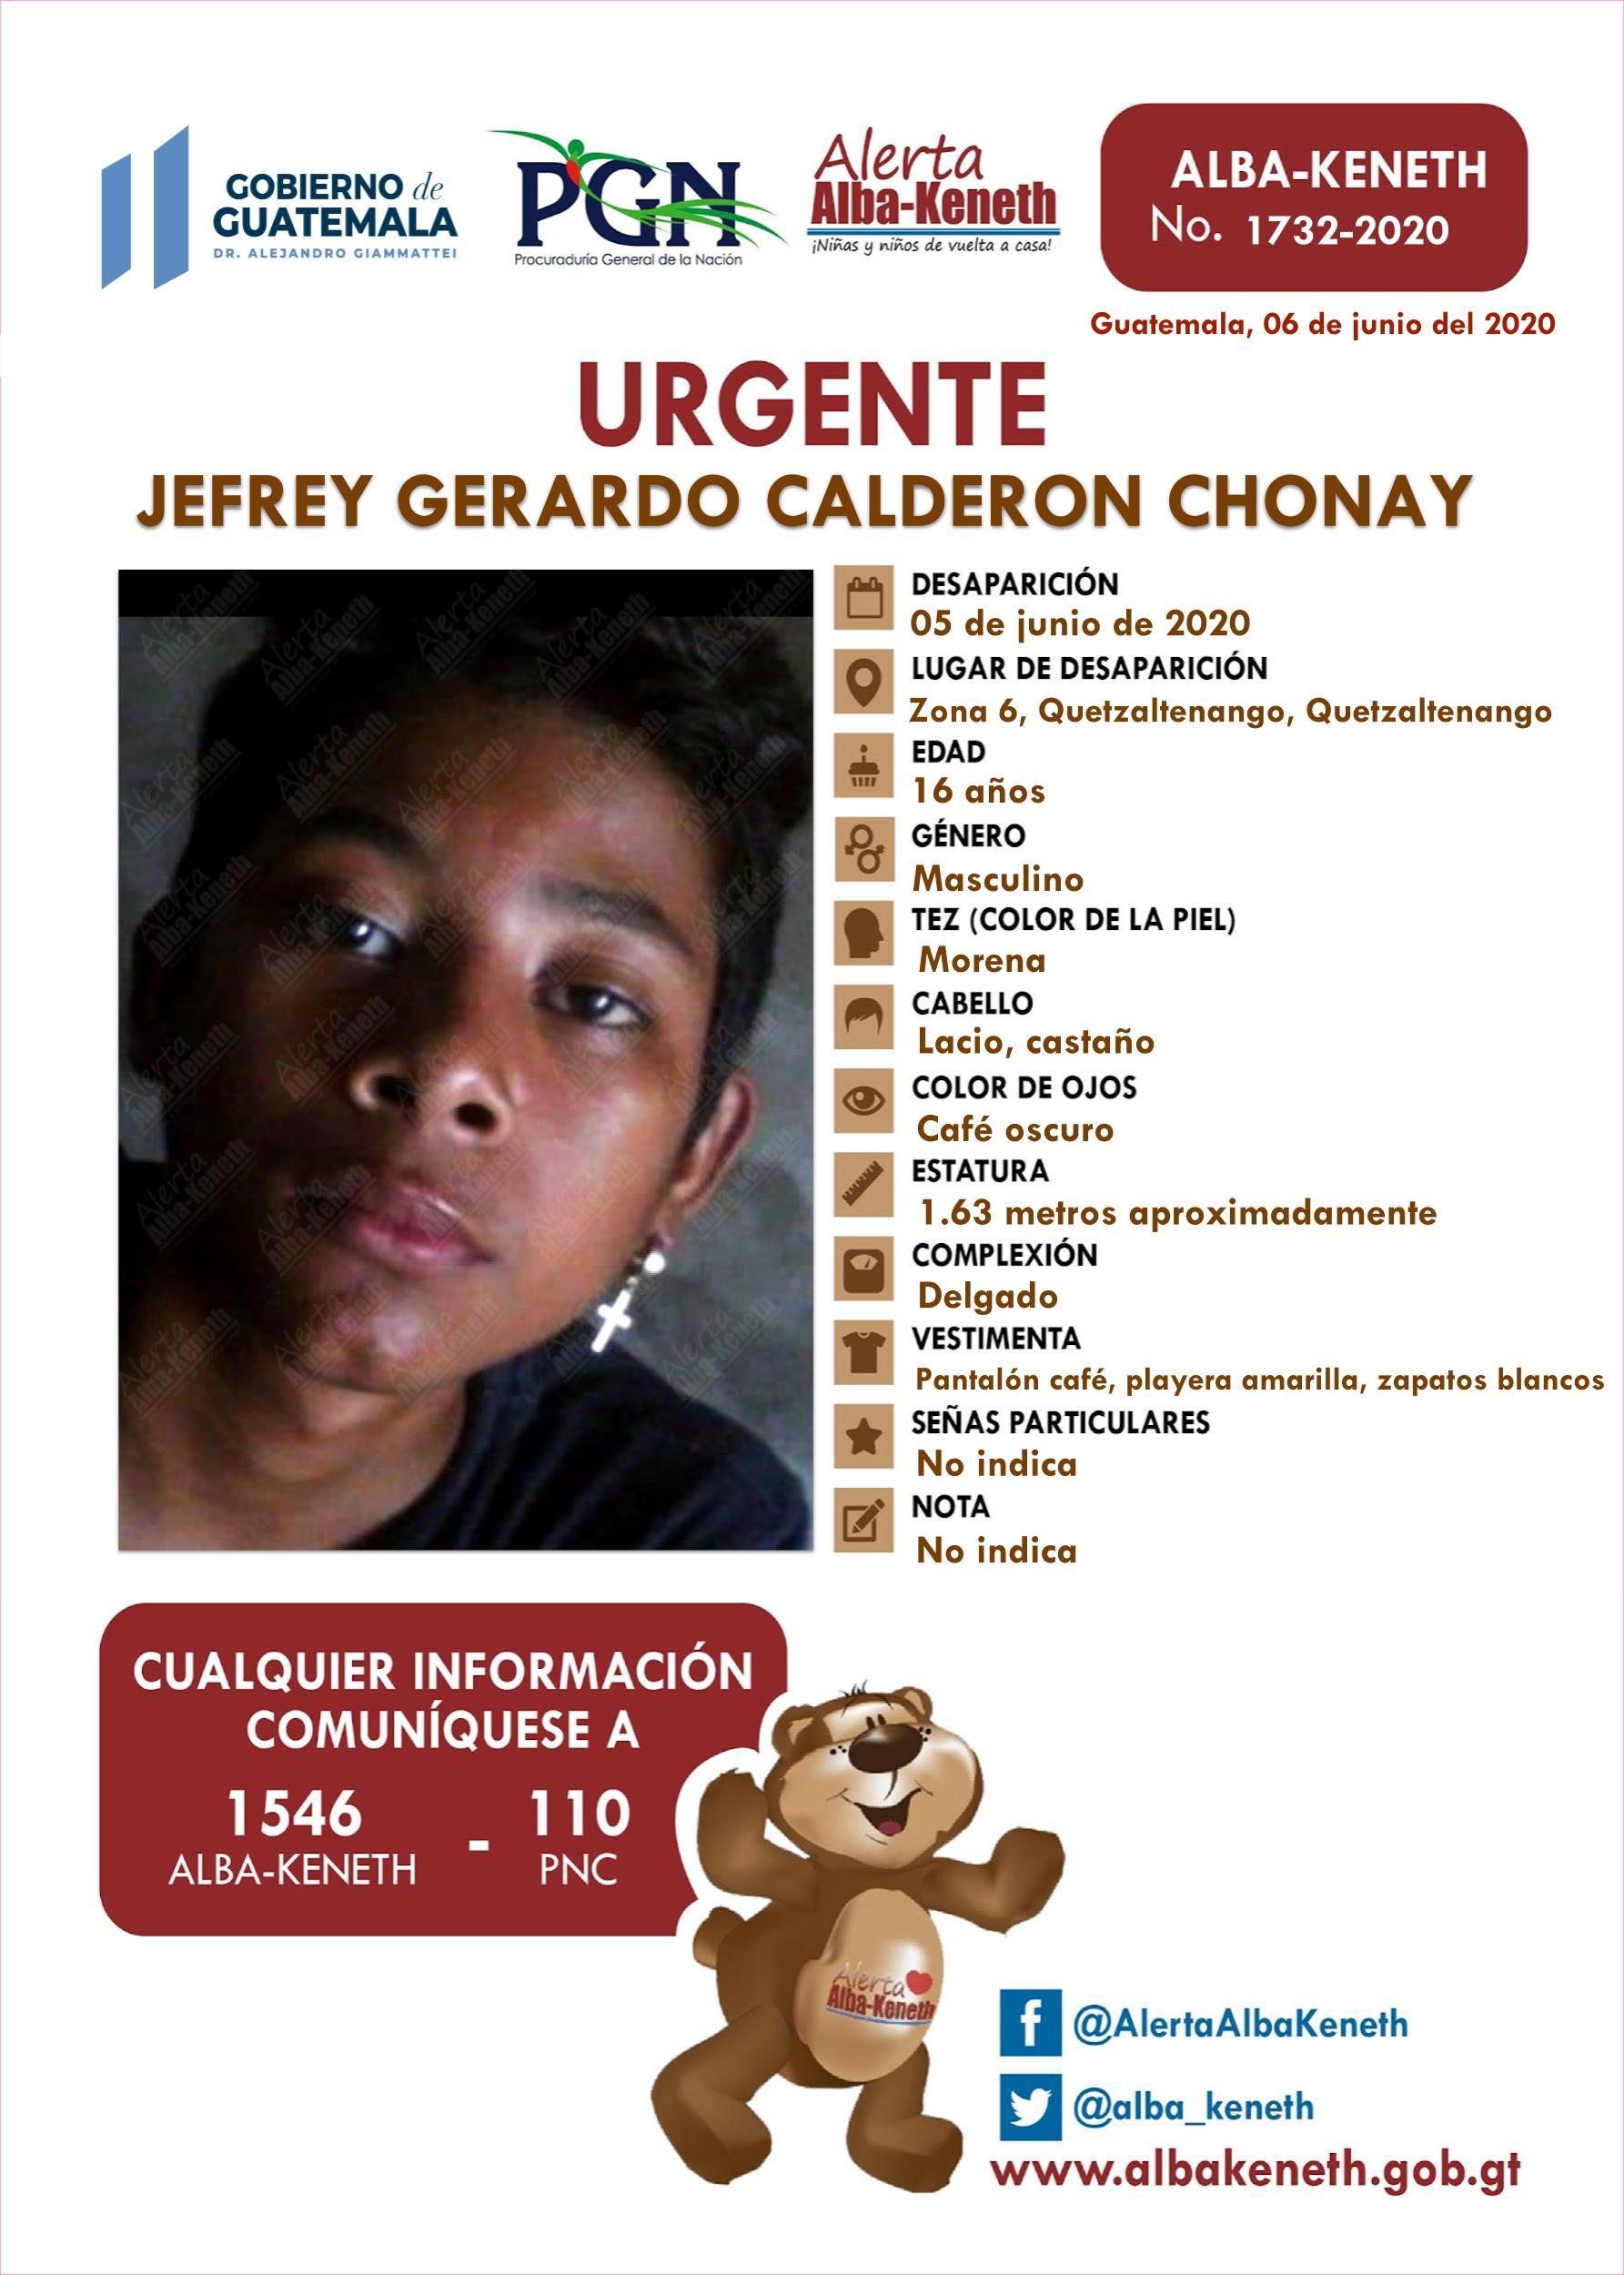 Jefrey Gerardo Calderon Chonay